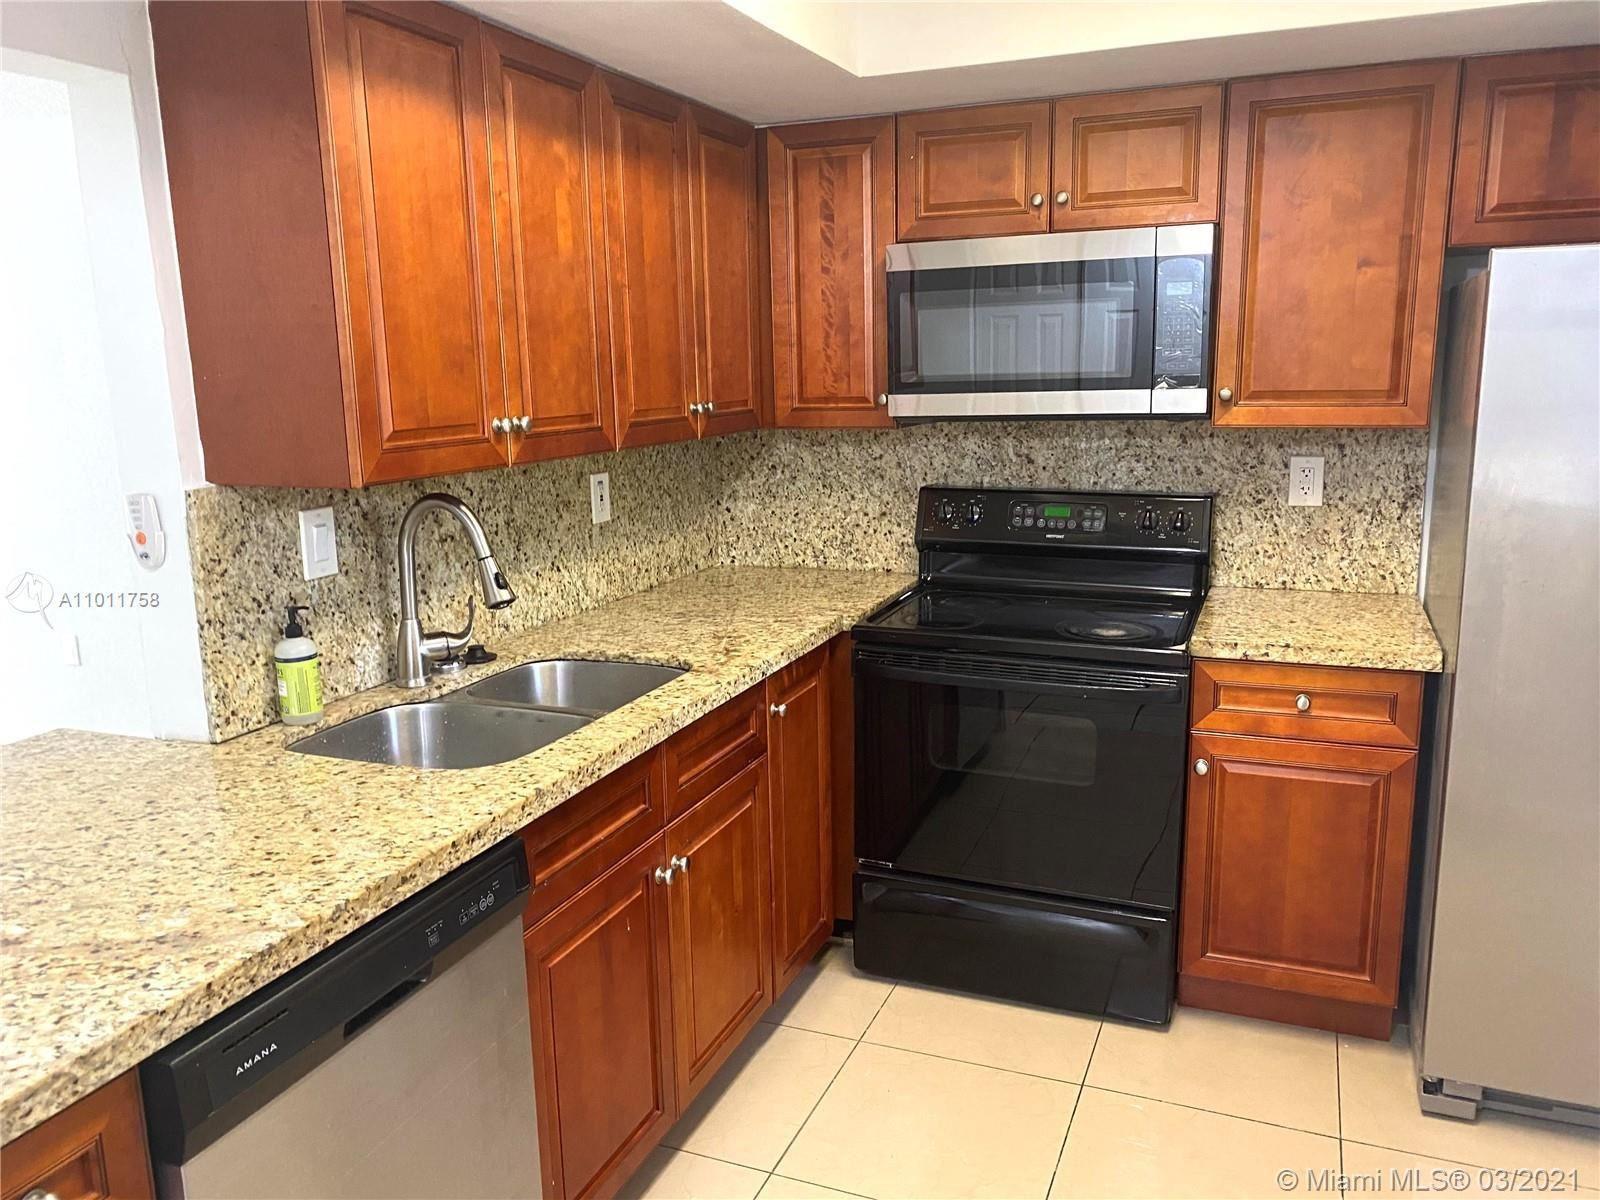 483 N Pine Island Rd #C101, Plantation, FL 33324 - #: A11011758